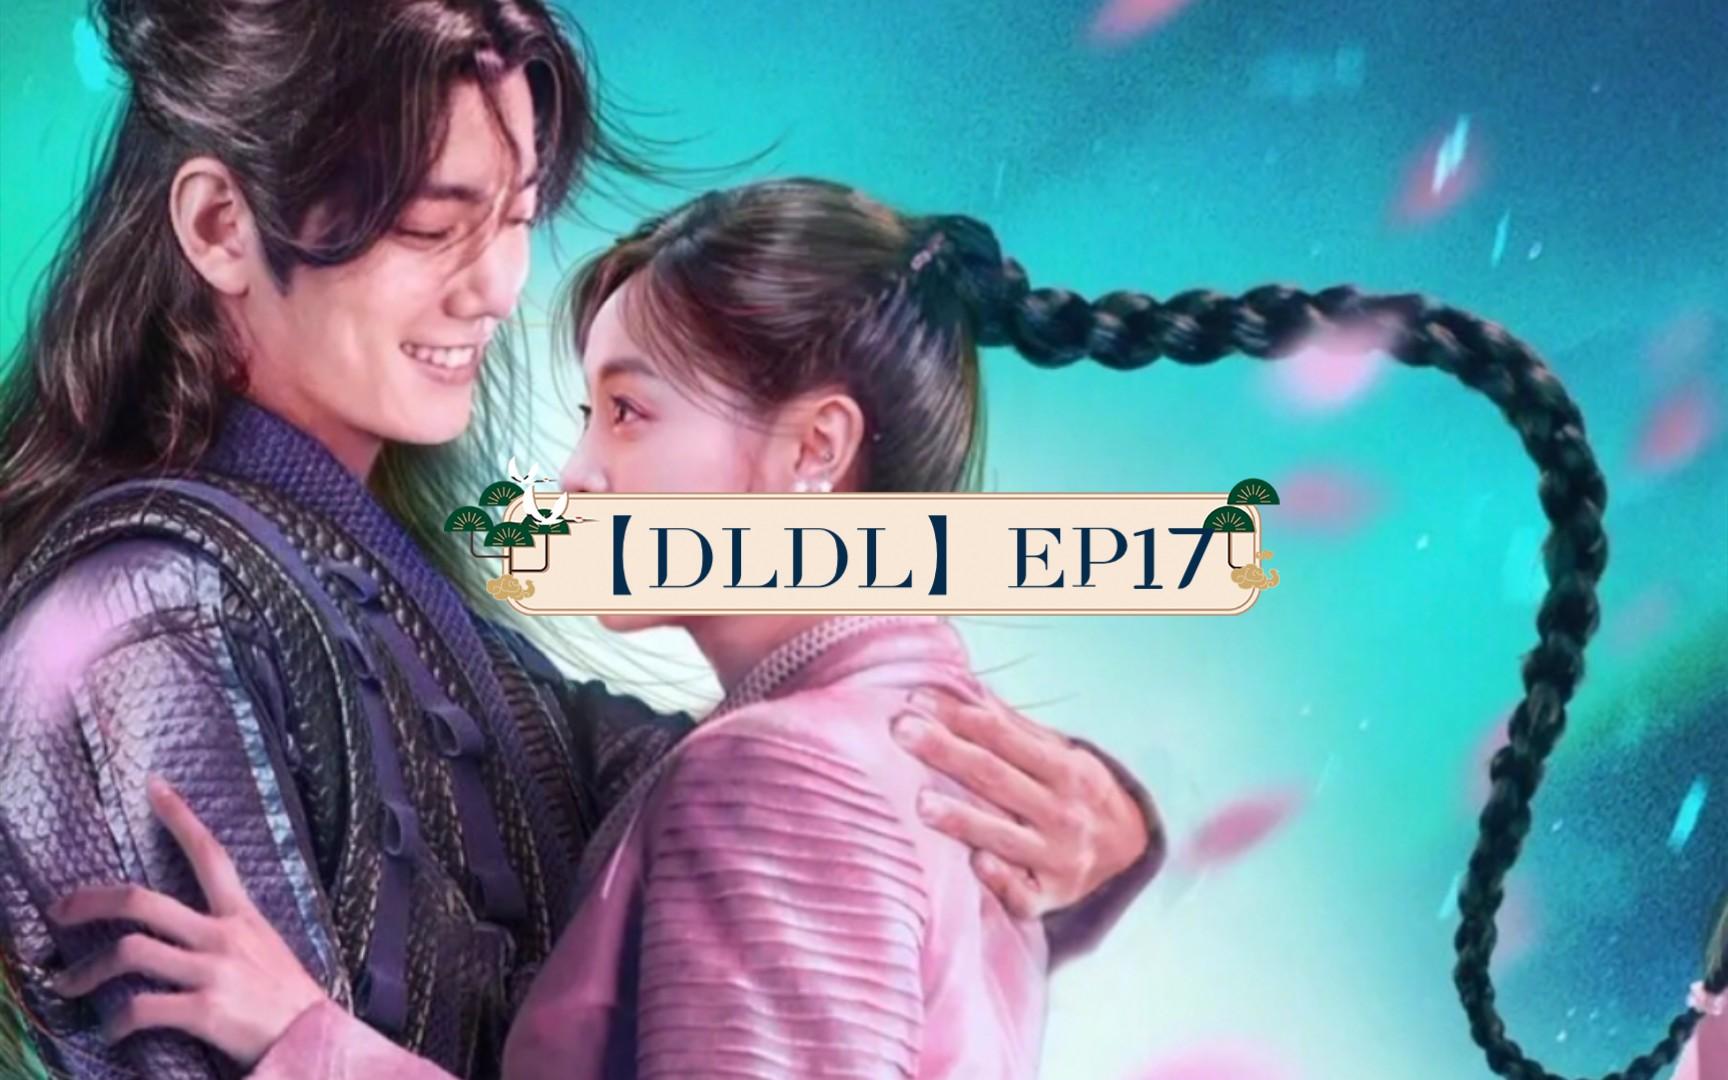 【肖战】唐不苦的糖不苦reaction《DLDL》‖EP17